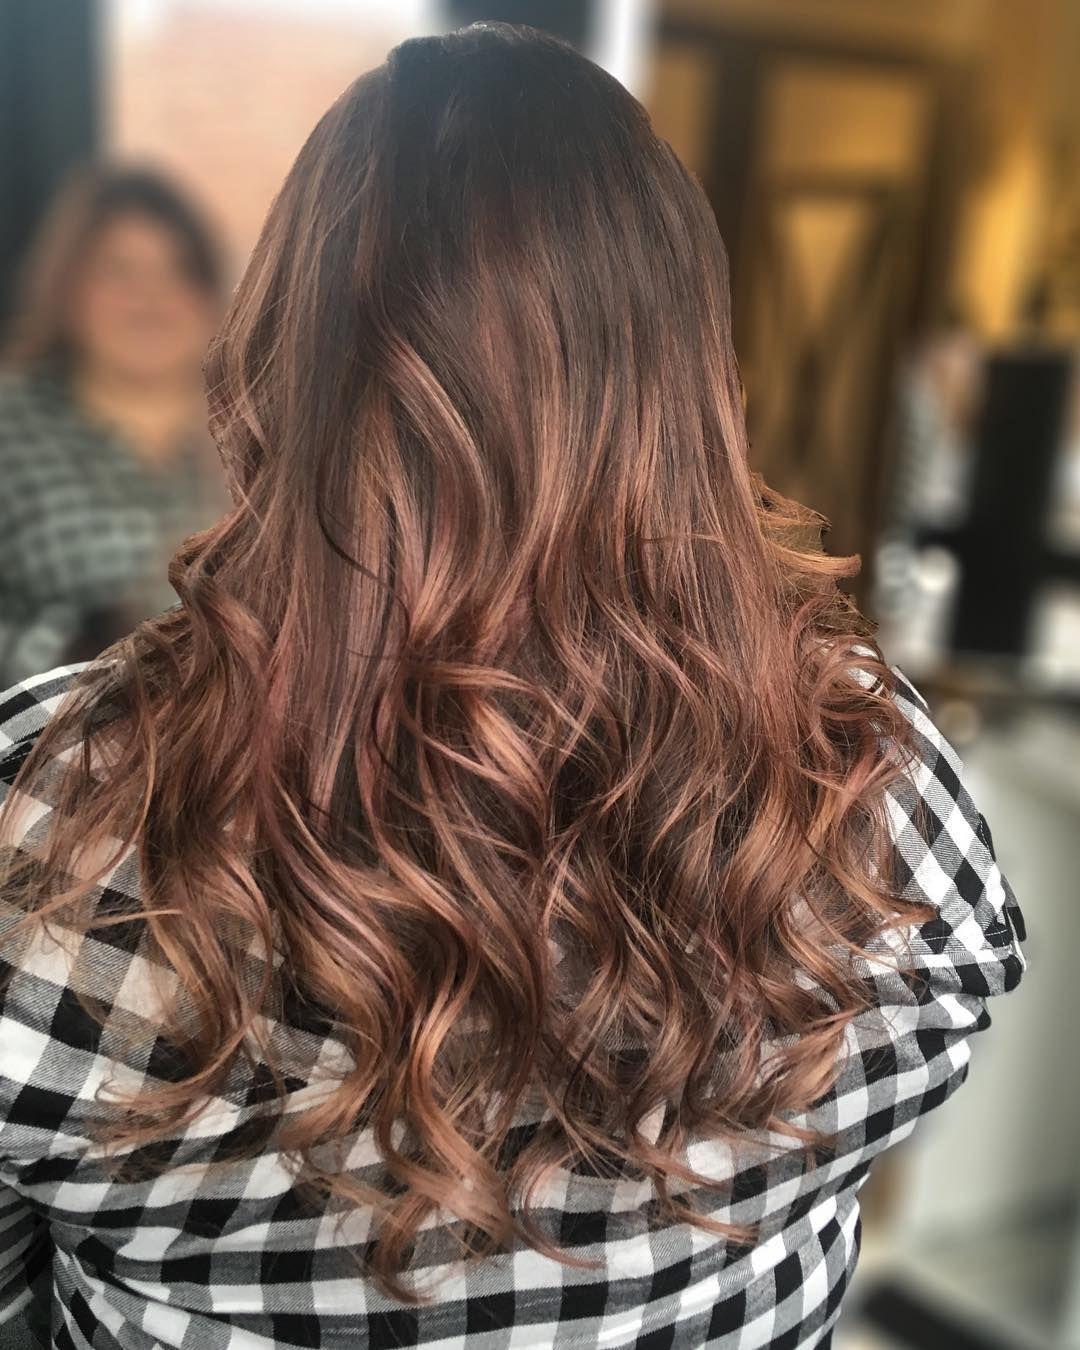 Frisuren 2018 elle